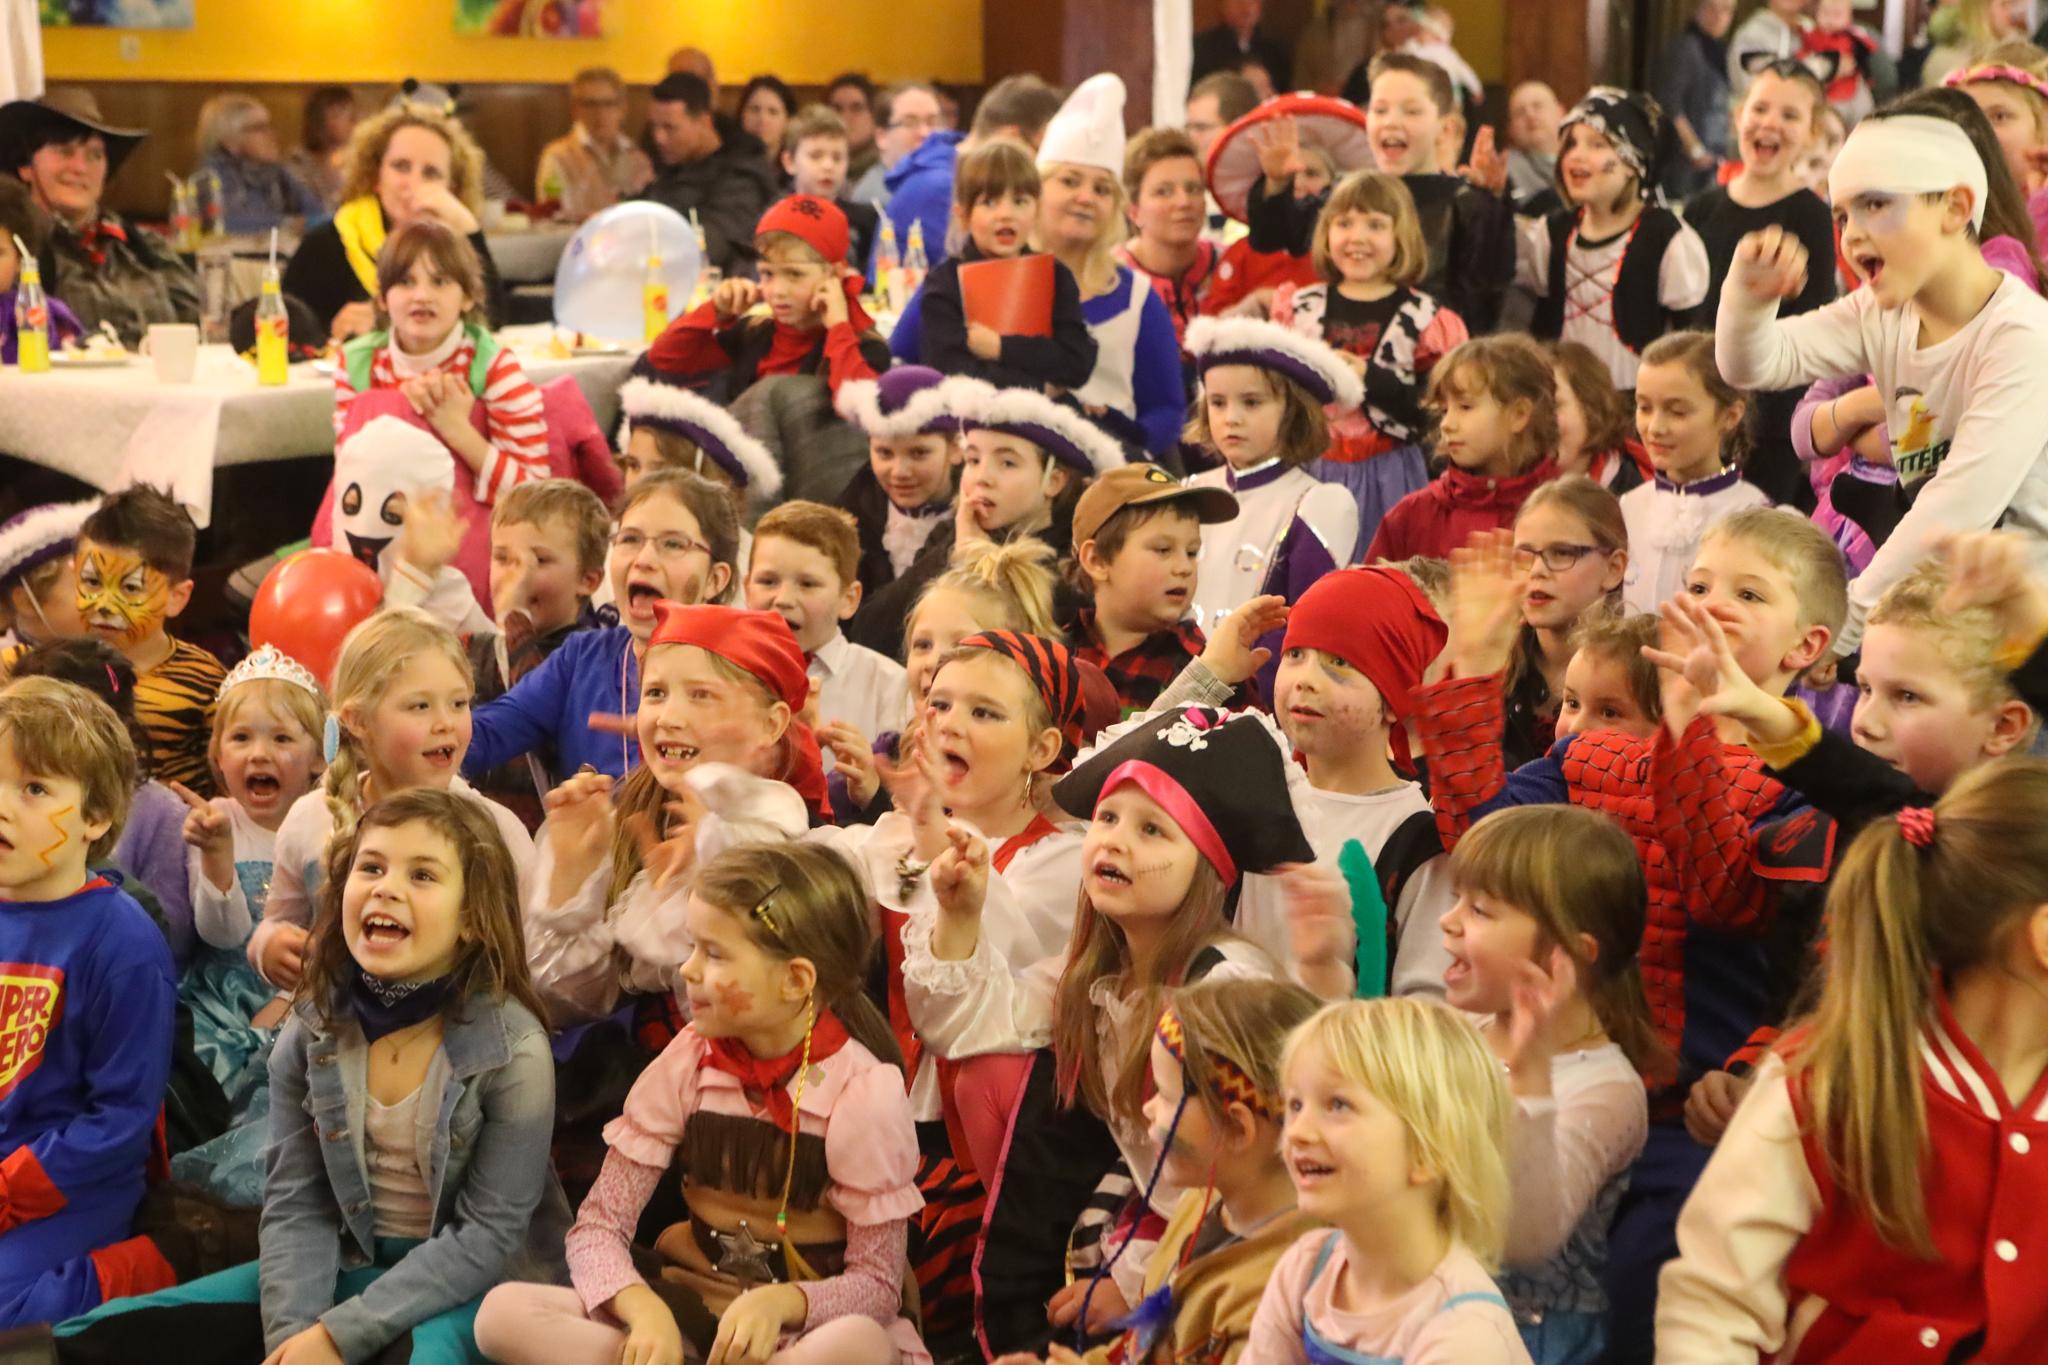 Große Karnevalsparty: Zehn Jahre Kinderfeuerwehr Opperhausen